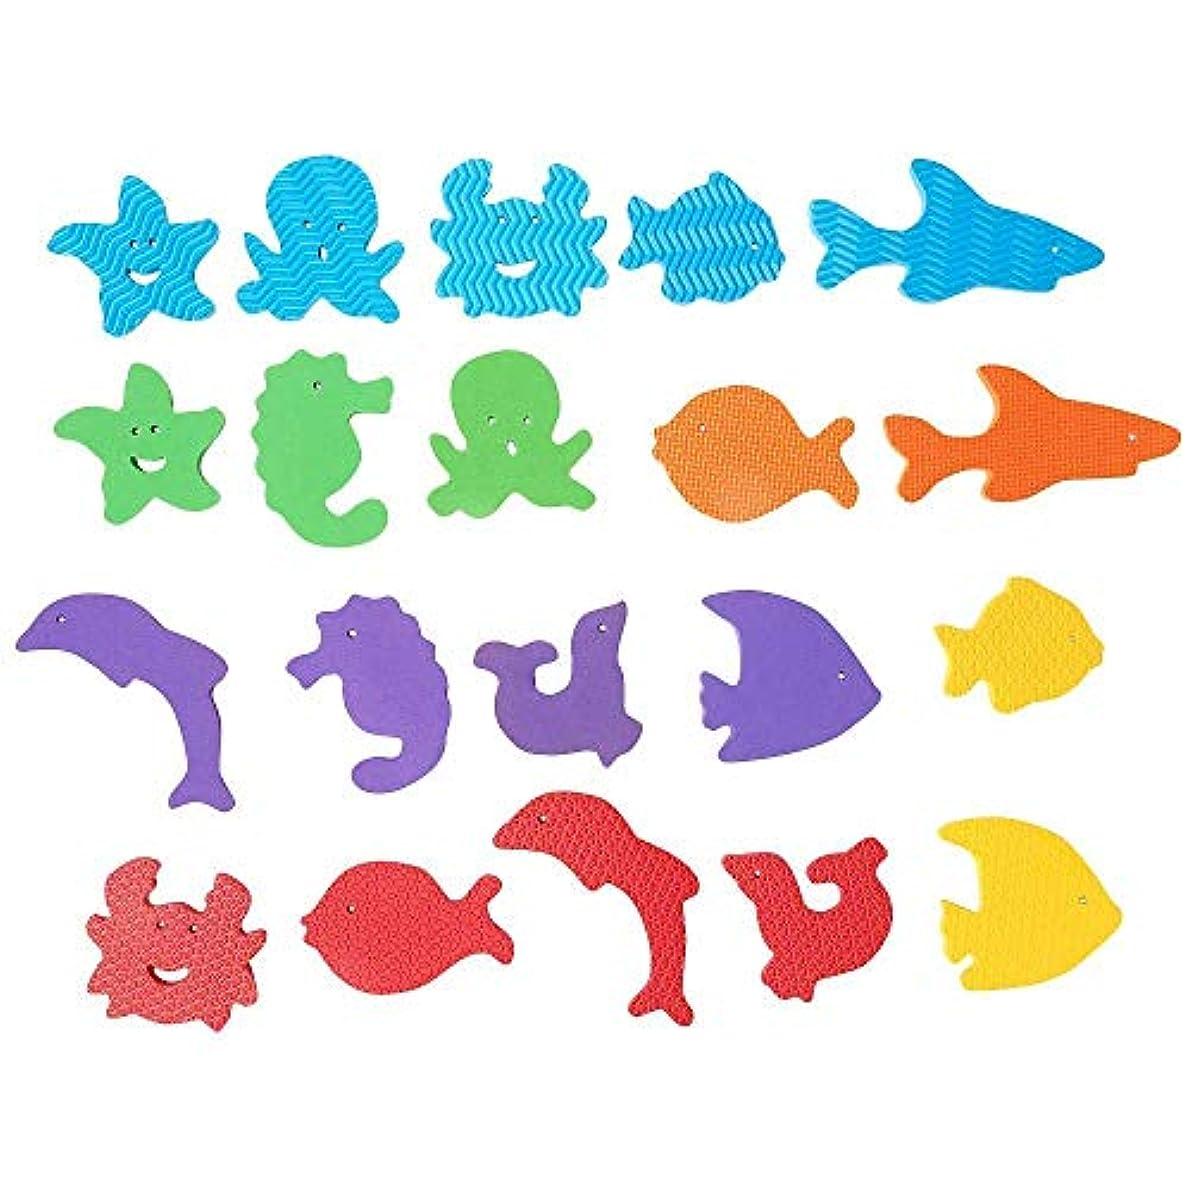 見積りオーガニック絶えずBabies R Us Foam Sea Animal Bath Set - 20 Pieces by Babies R Us [並行輸入品]